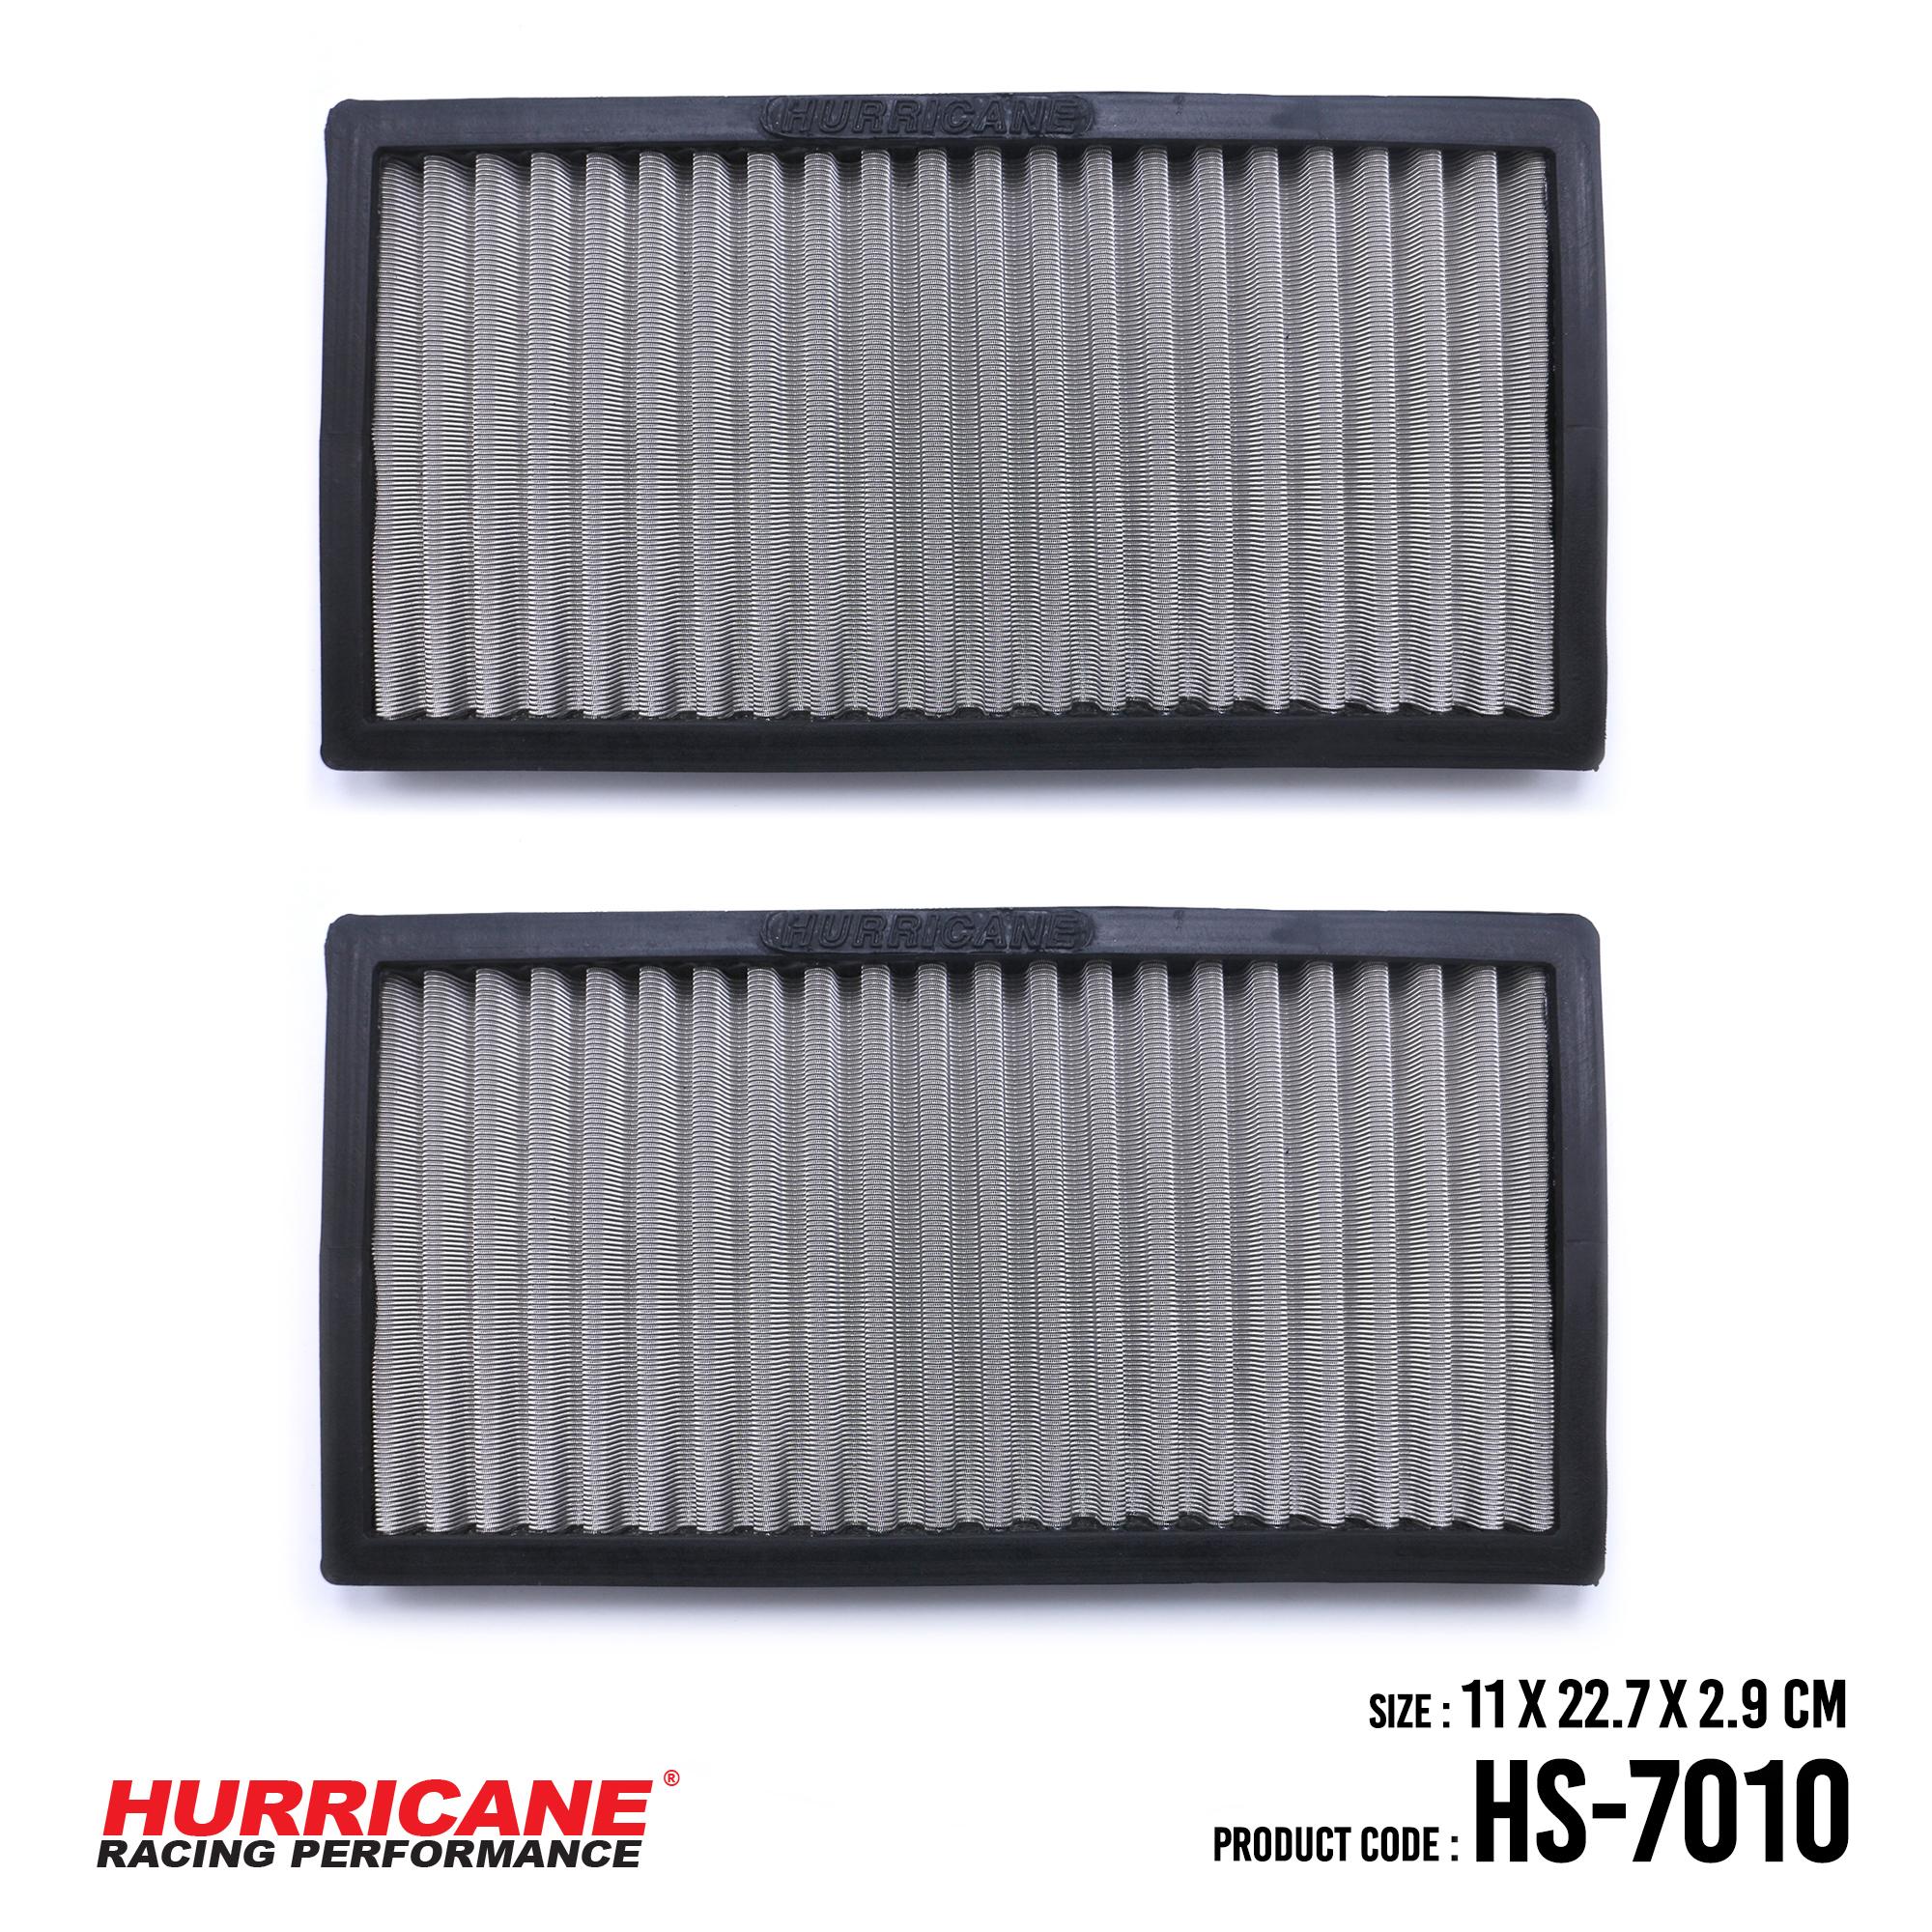 HURRICANE STAINLESS STEEL CABIN AIR FILTER FOR HS-7010 Honda